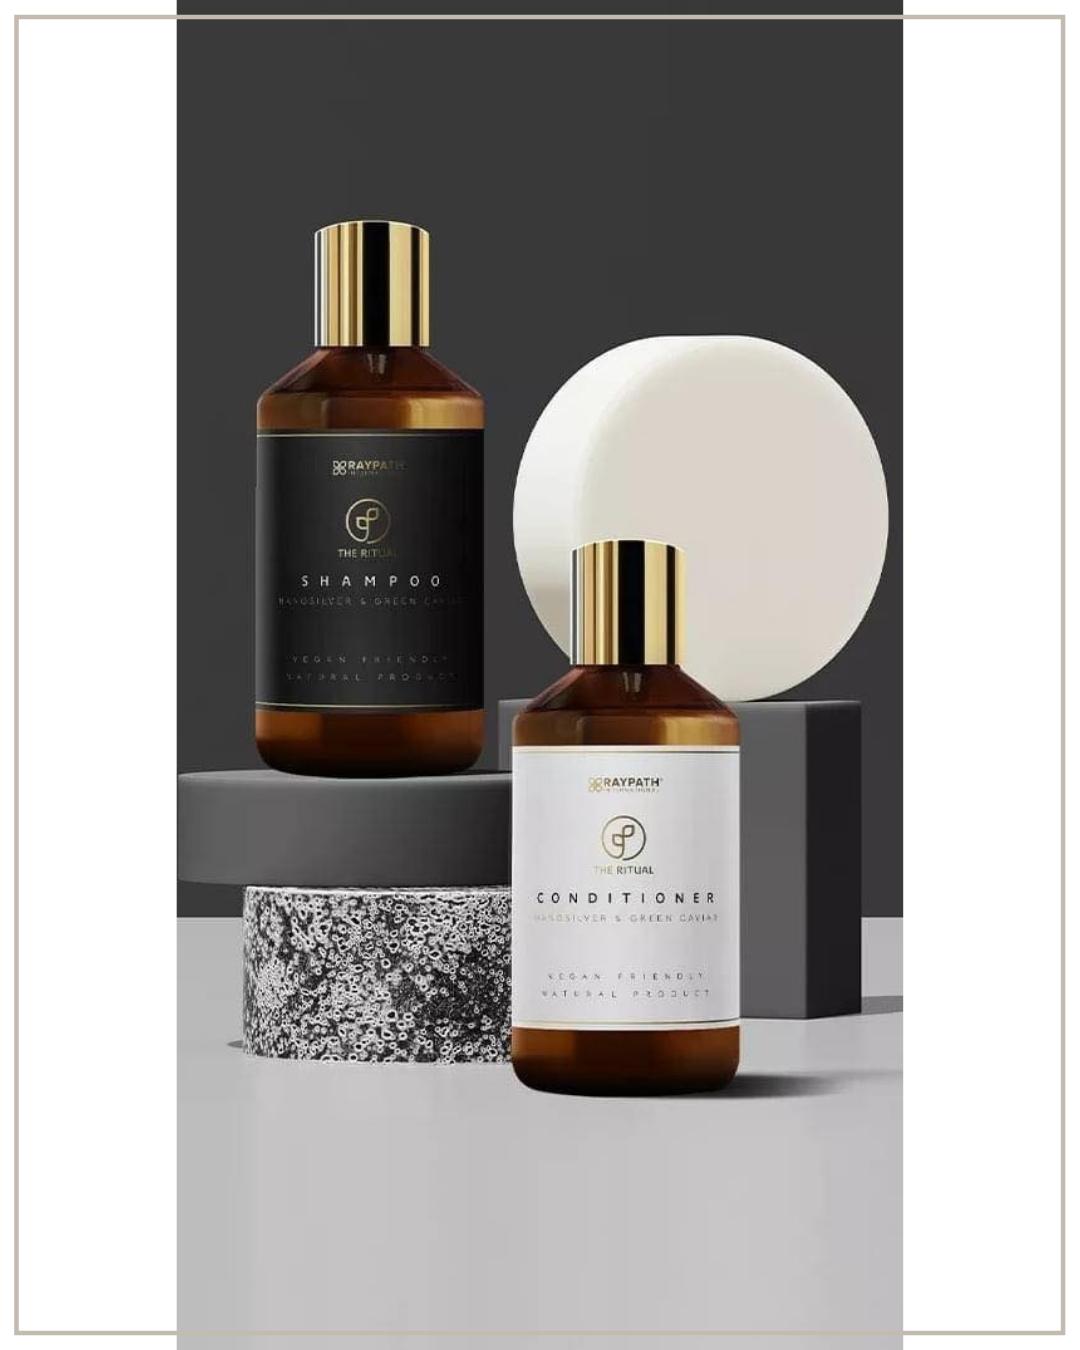 Raypath plaukų priežiūros rinkinys: žaliųjų jūros dumblių ikrų šampūnas+kondicionierius